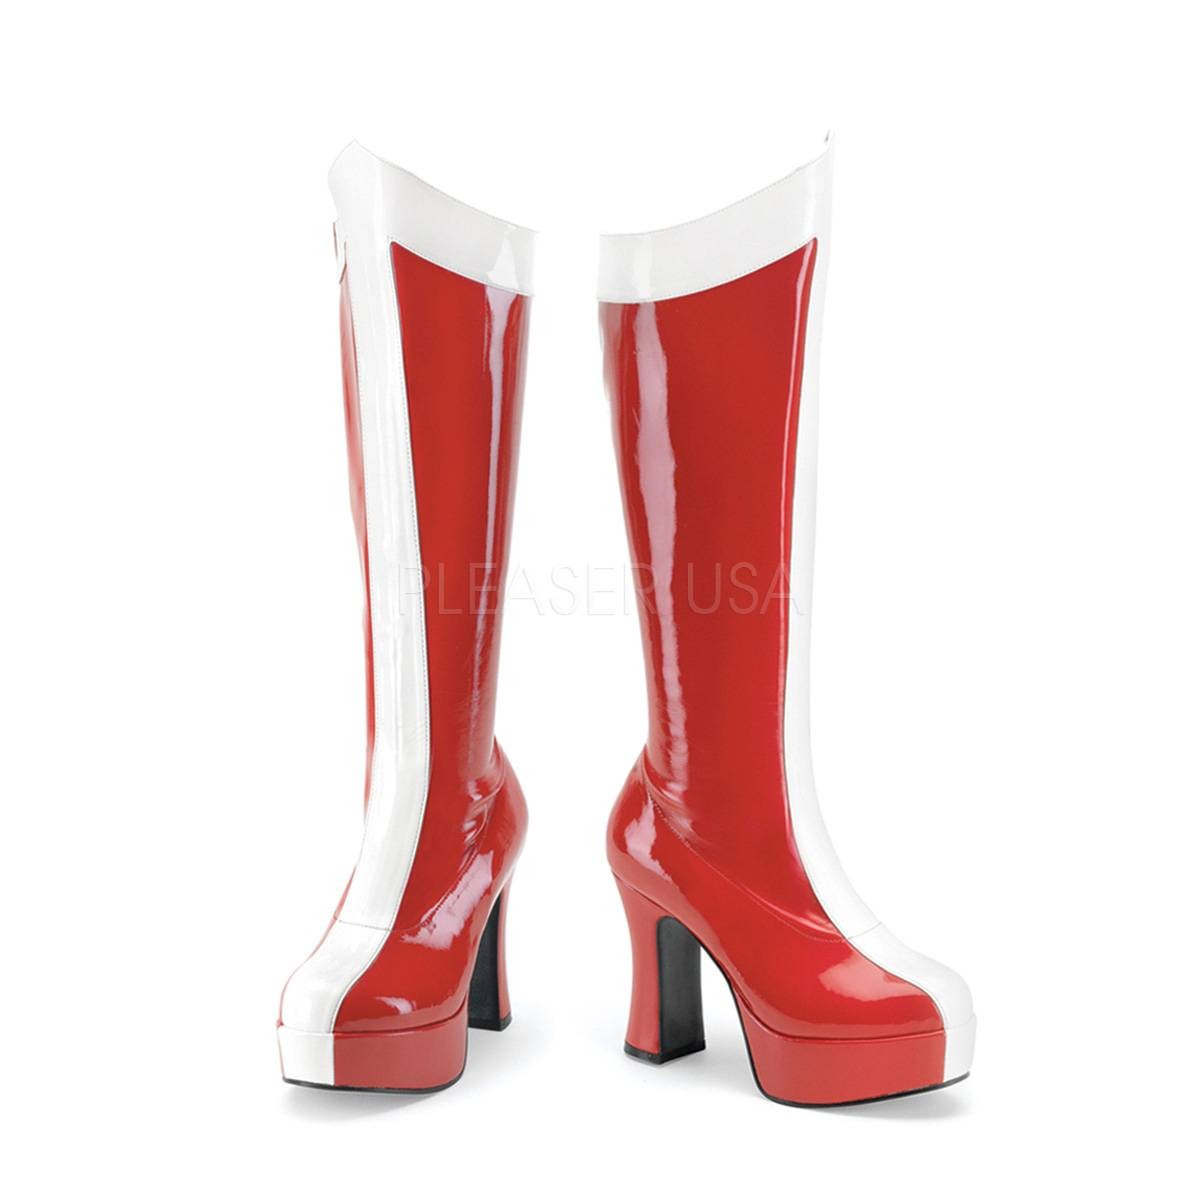 Stiefel - EXOTICA 305 ° Damen Stiefel ° Rot Weiß Glänzend ° Funtasma  - Onlineshop RedSixty